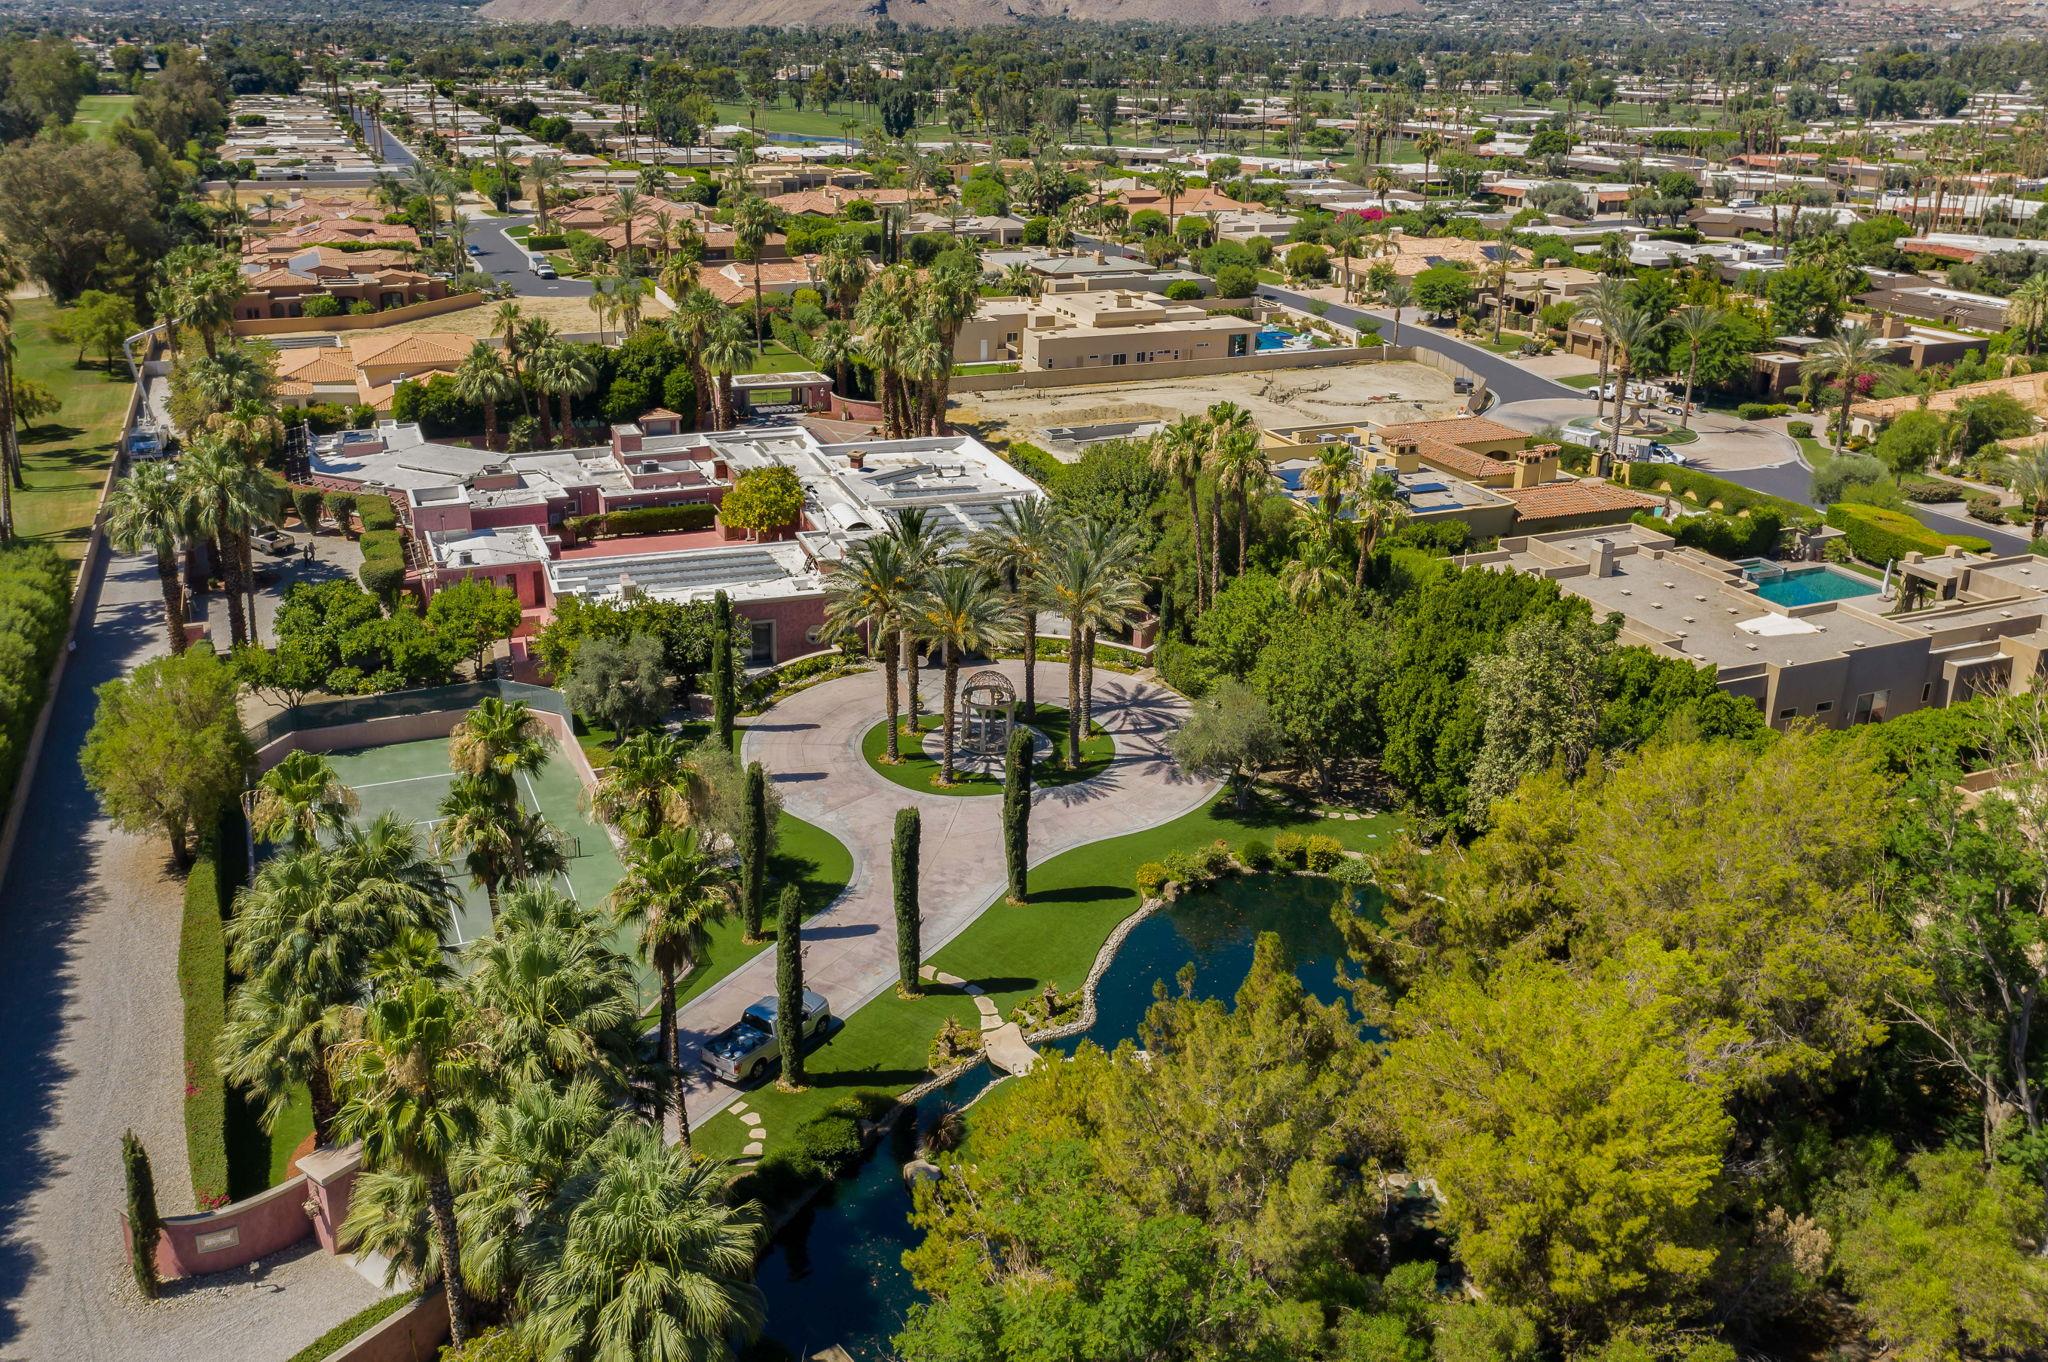 1+Von+Dehn+Rd+Rancho+Mirage-1-large.jpg